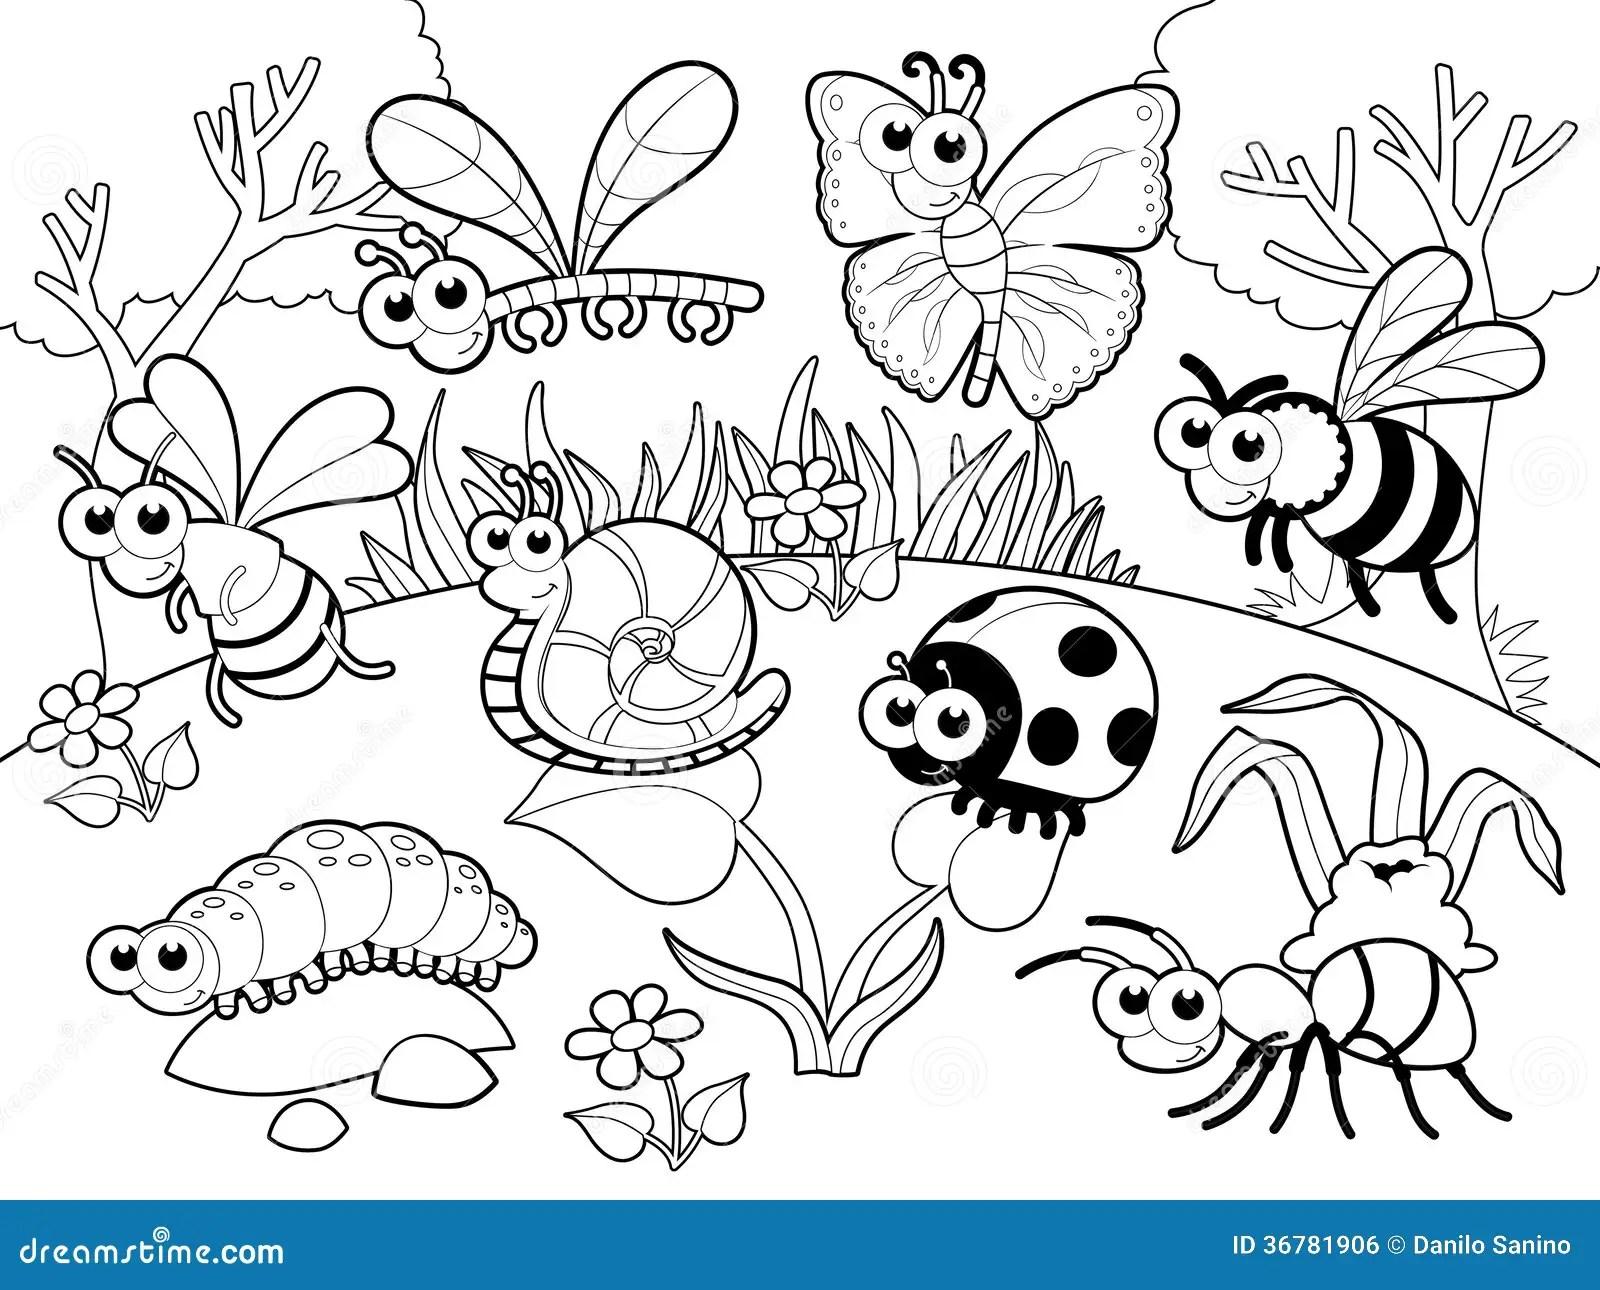 Insectos 1 Caracol Con El Fondo En Blach Y Blanco